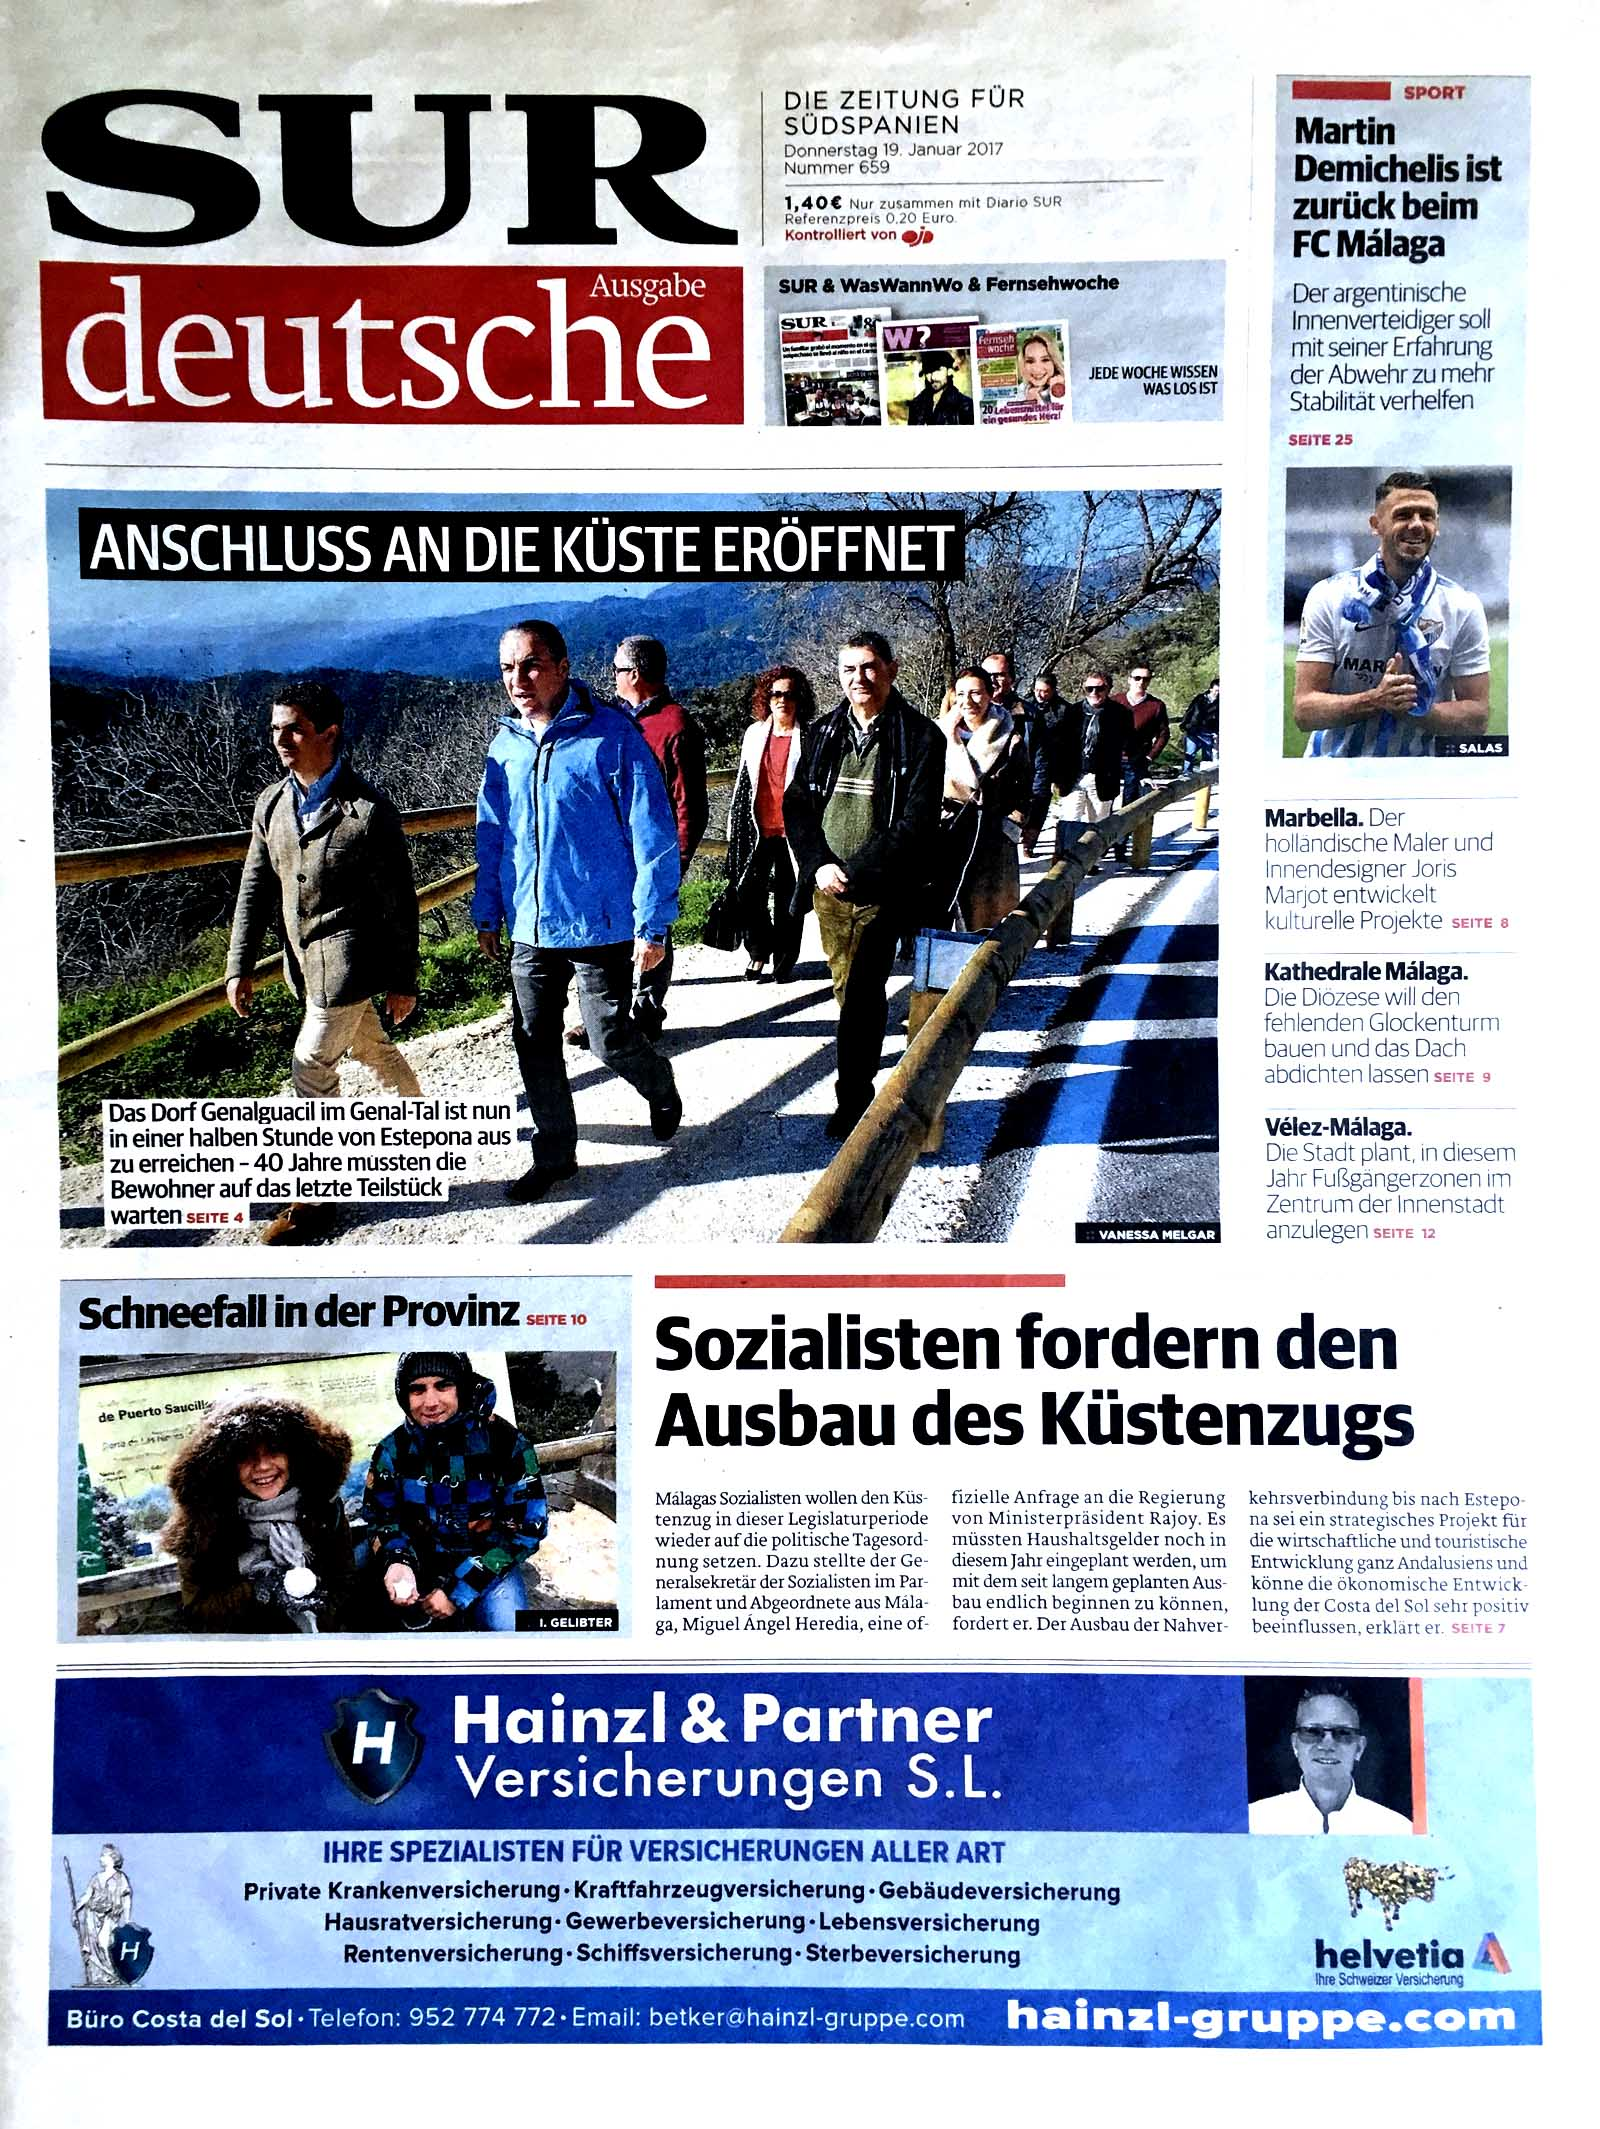 portada-pagina-completa-eldevenir-art-gallery-prensa-diario-sur-aleman-encuentros-y-certezas.jpg